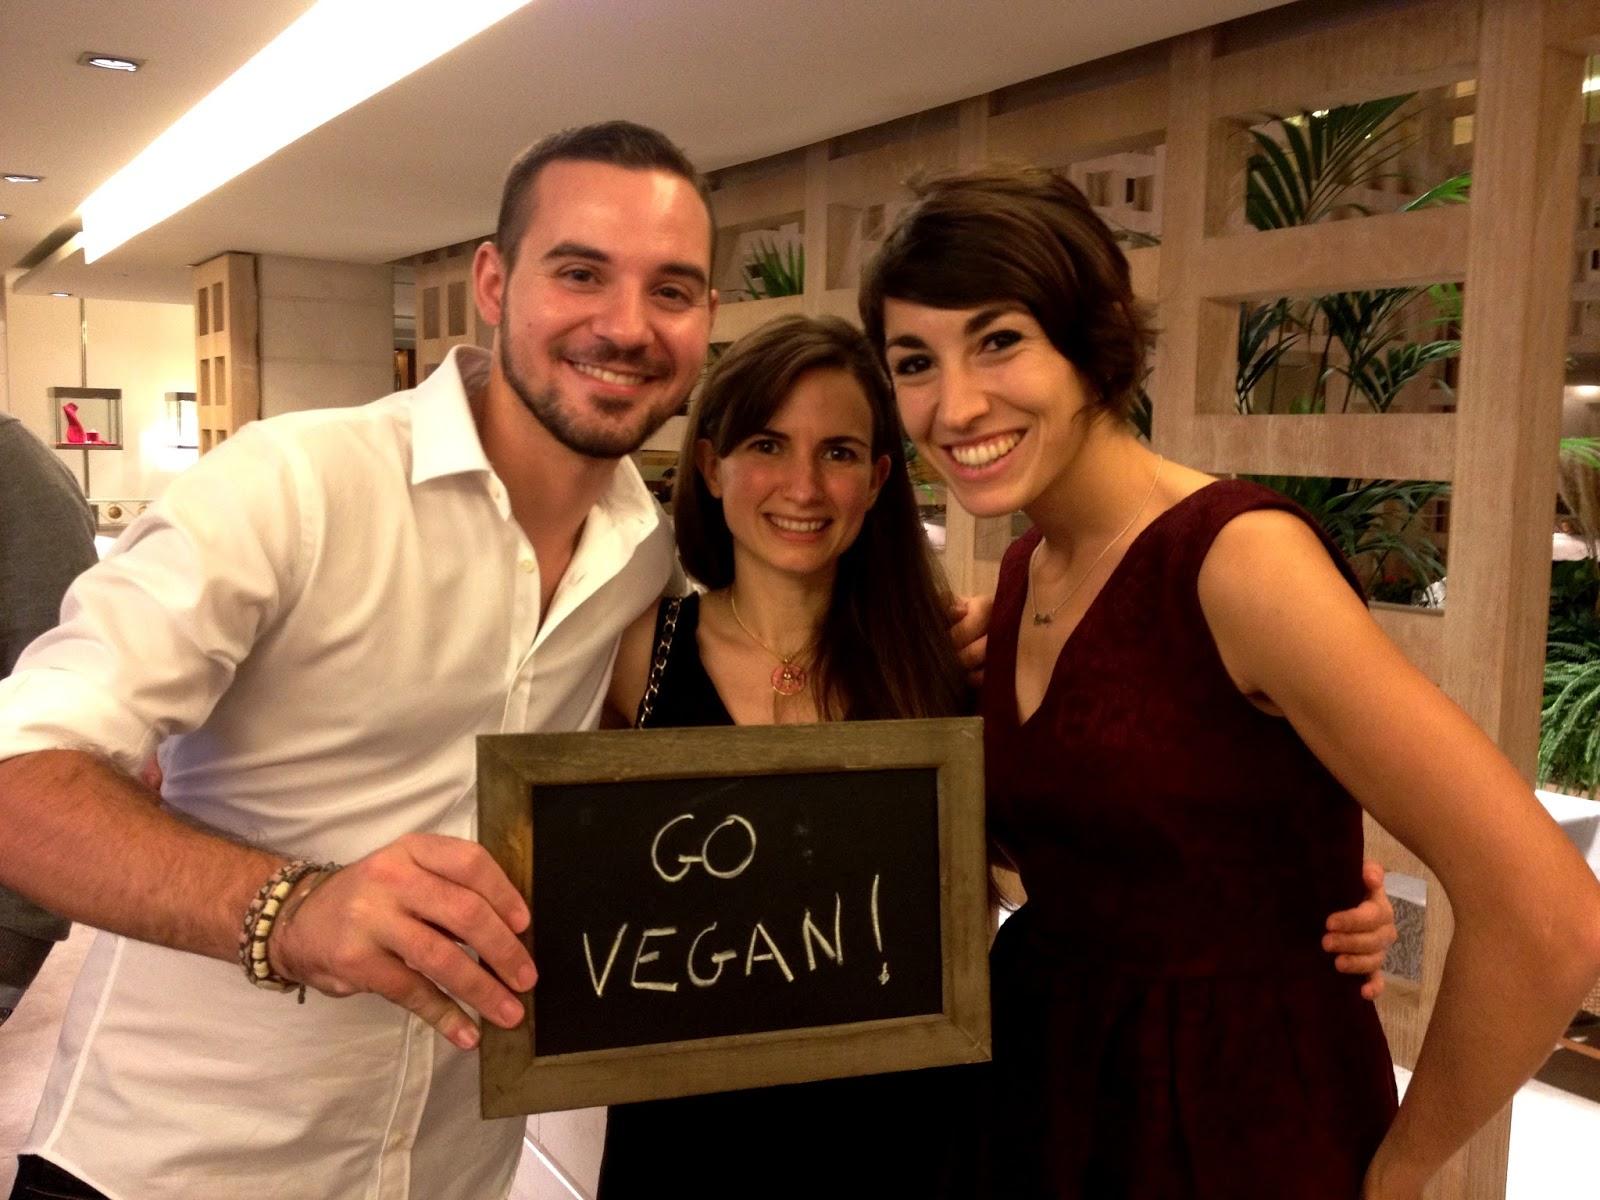 Orielo 39 s kitchen premio plata canal cocina al mejor blog de cocina de espa a en 2014 - Canal cocina alma obregon ...